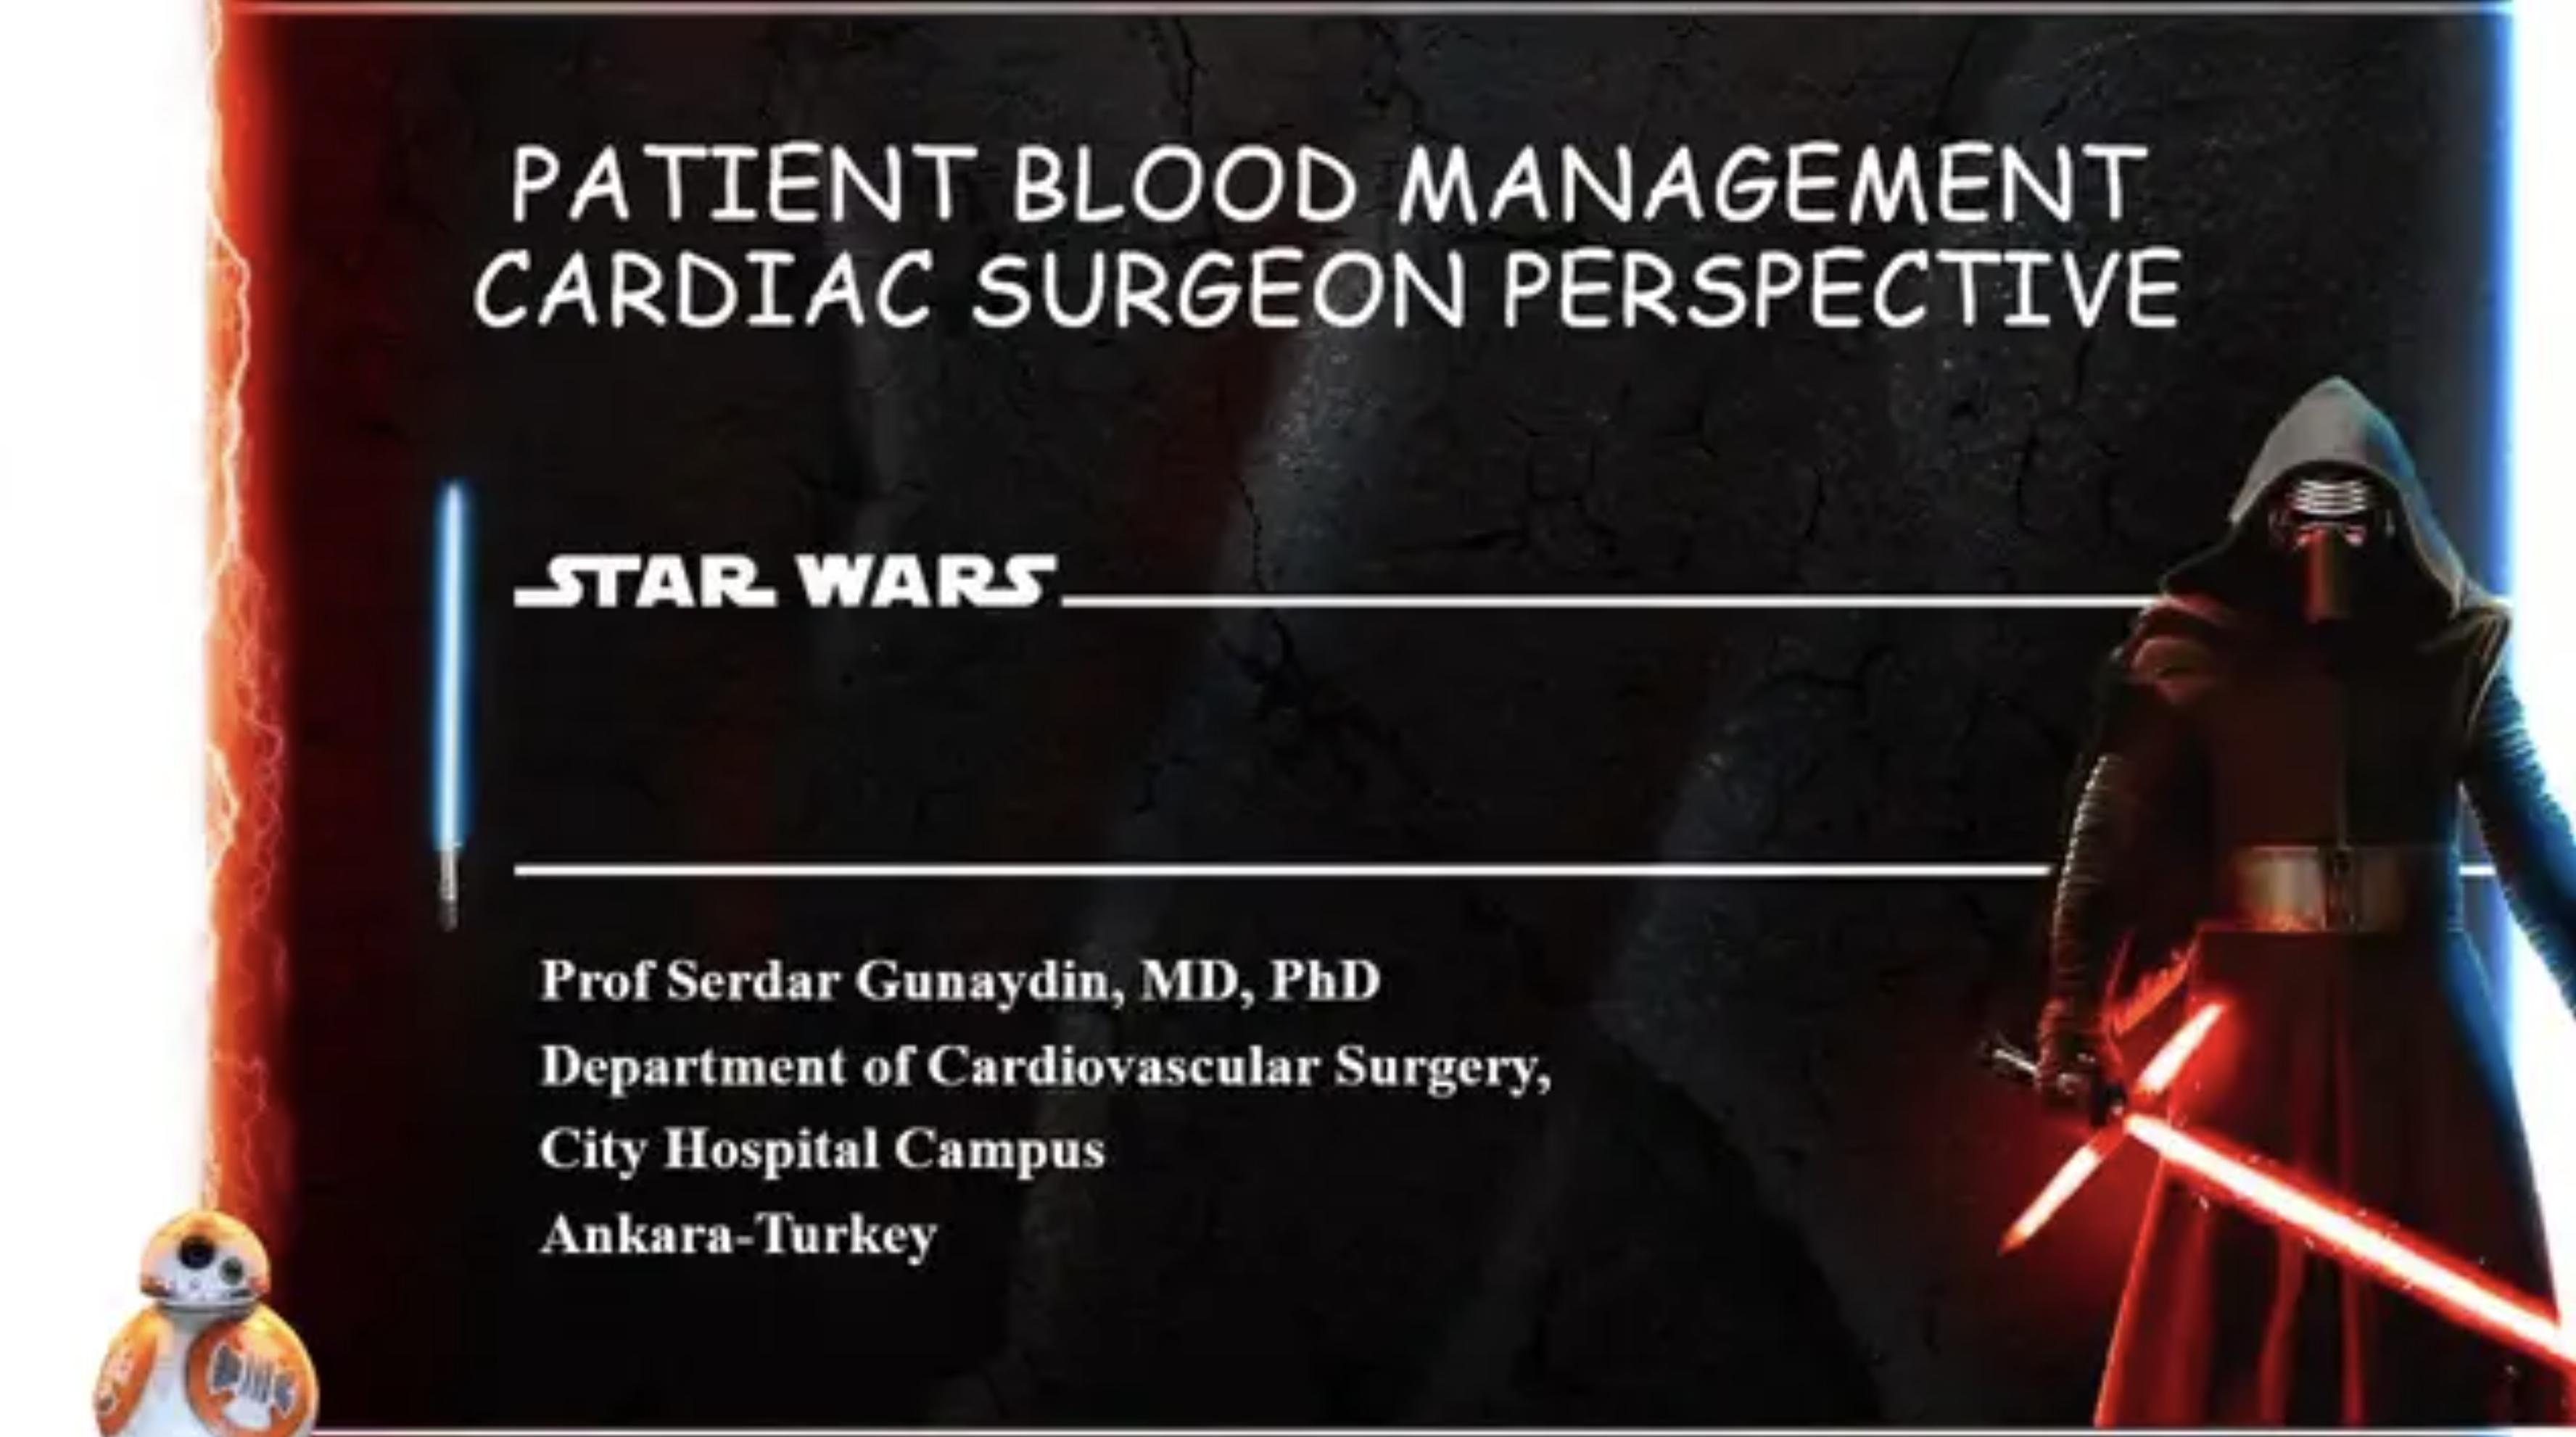 Patient Blood Management - A cardiac Surgeon's Perspective